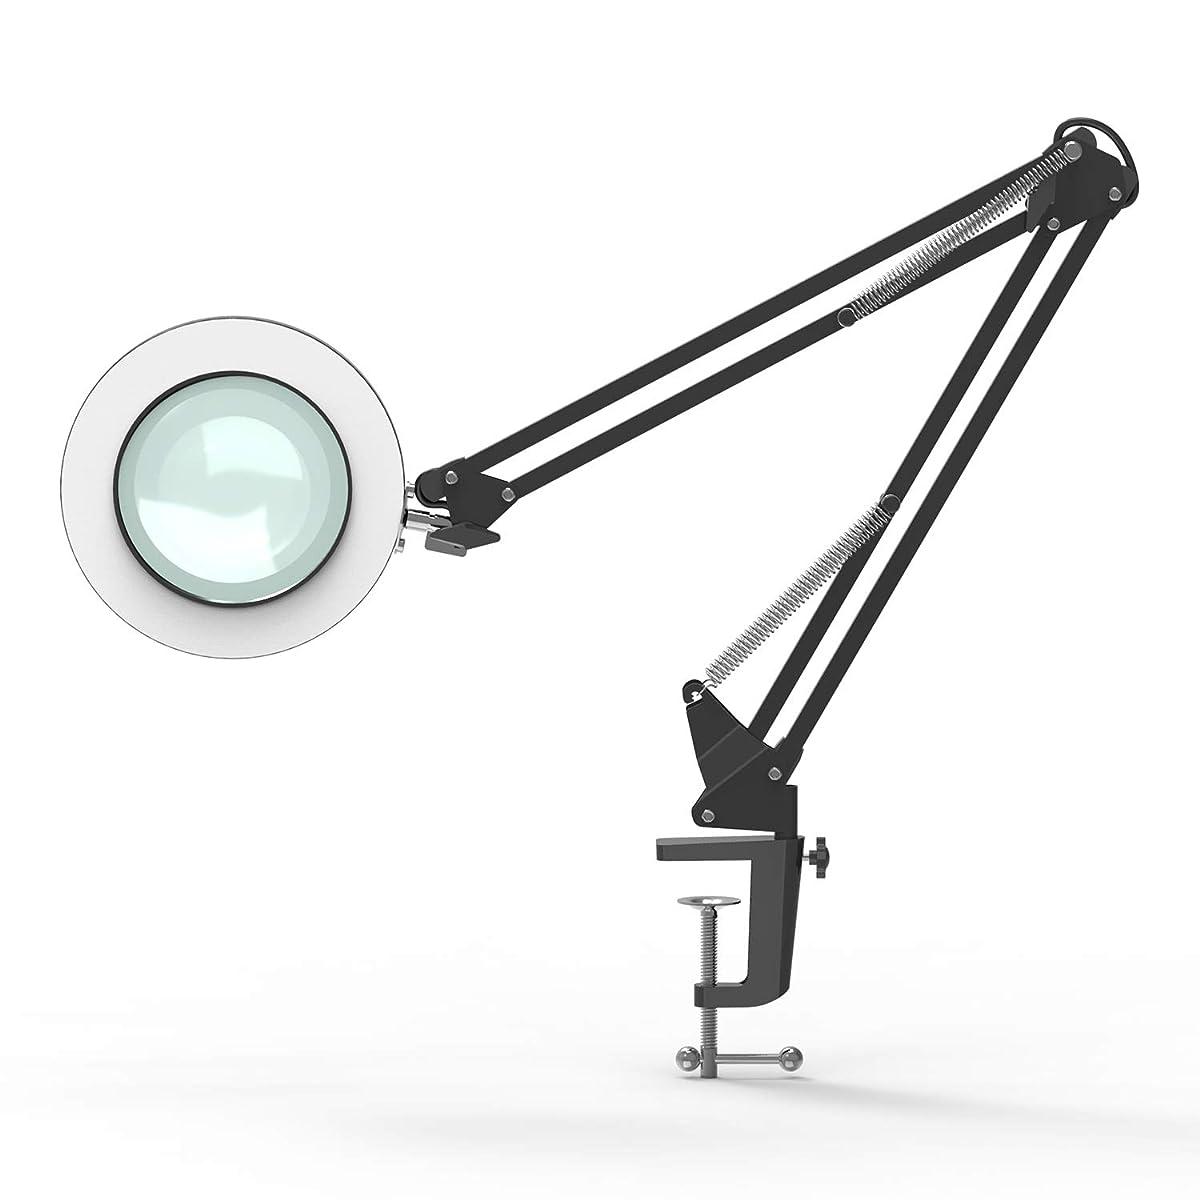 換気心臓影響を受けやすいですYOUKOYI A17 LEDルーペデスクライト クリップ式 拡大鏡テーブルランプ 折りたたみ式 卓上ライト 3倍の倍率拡大鏡を搭載 レンズ径10.5cm 無段階調光 3種色温度 USB接続 角度調整可能(ブラック )